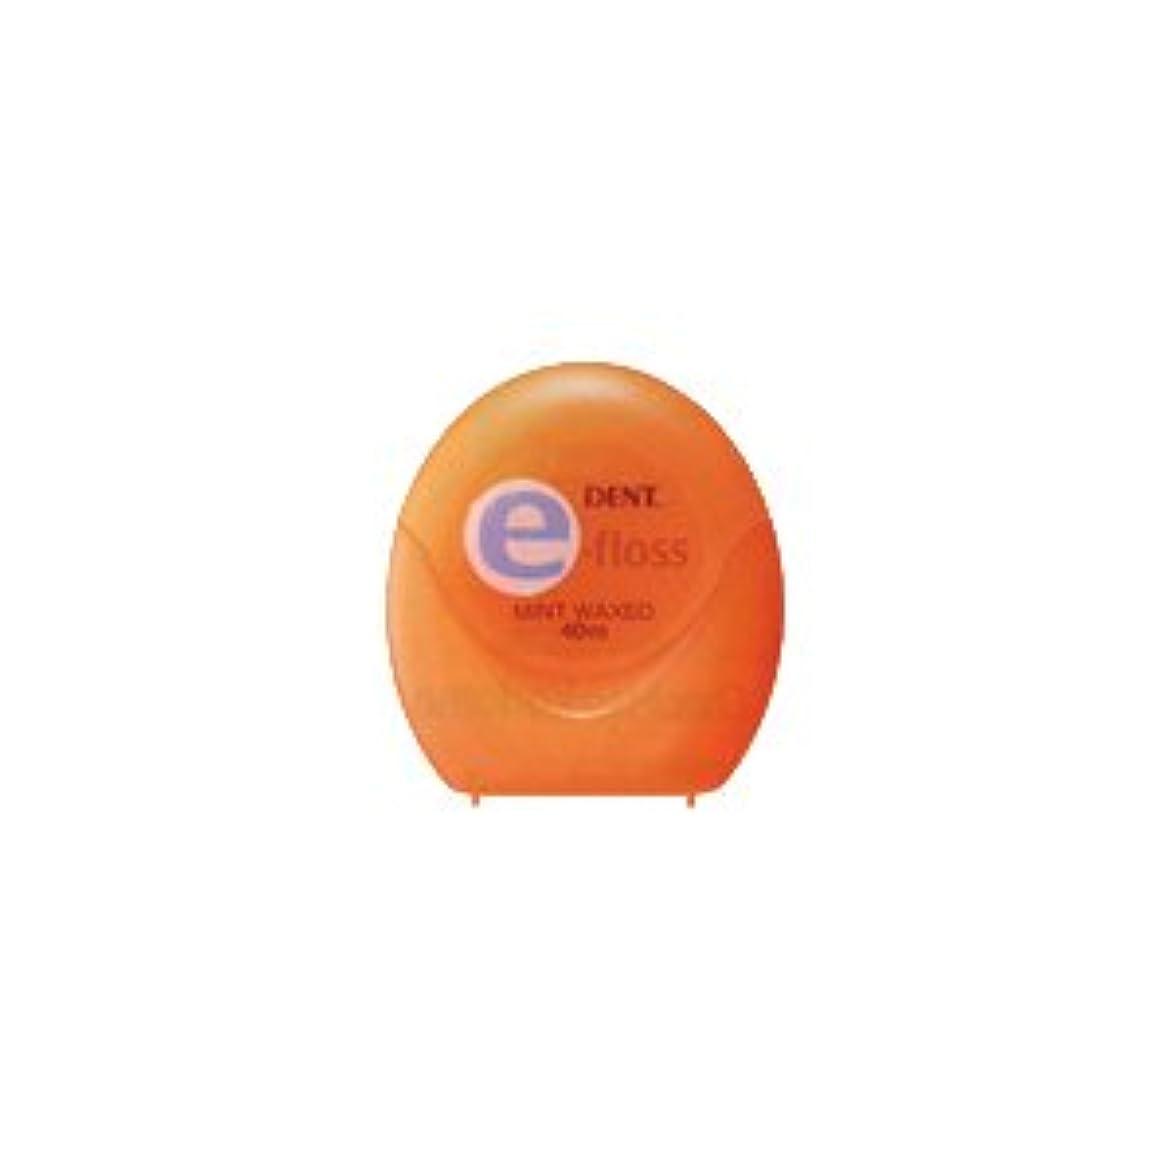 有能なモールス信号フォーラムライオン DENT.e-floss デントイーフロス 1個 (オレンジ)